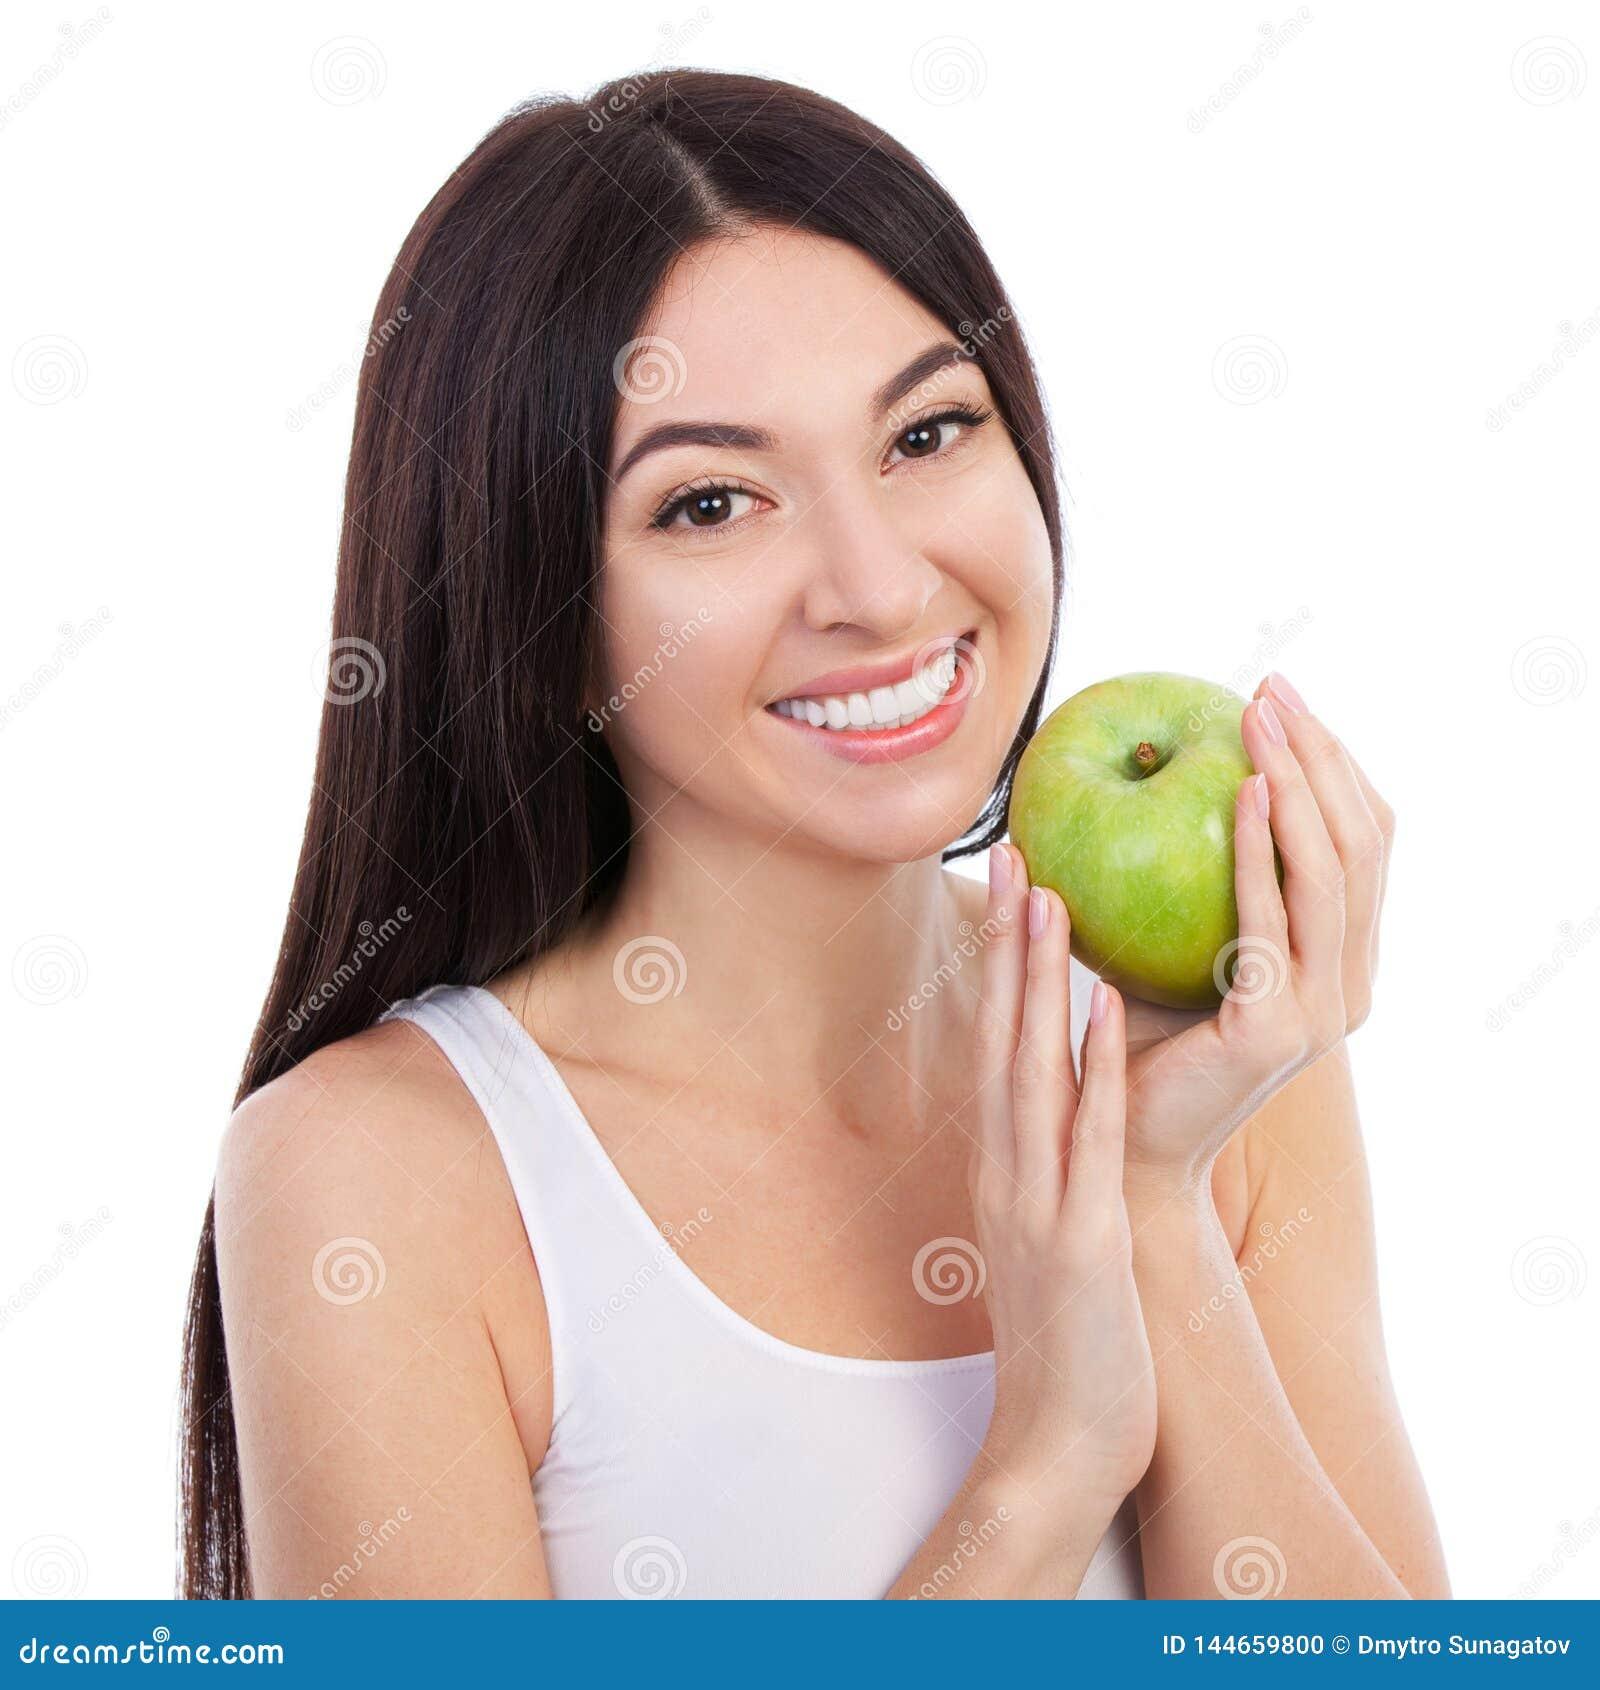 Leuke vrouw met mooie sneeuwwitte glimlach die groene appel houden Gezonde levensstijl en voeding, het op dieet zijn, gewichtsver